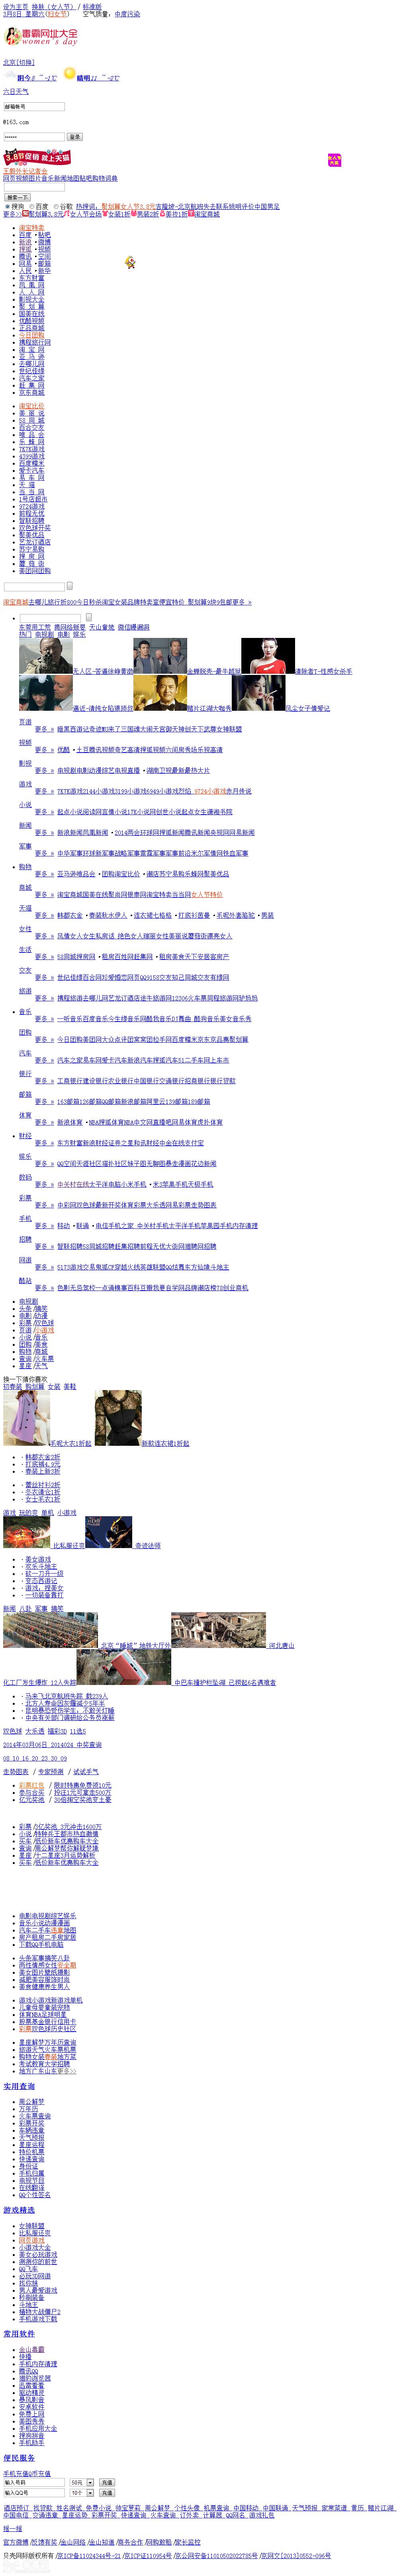 毒霸网址大全 - 最安全实用的网址导航.png